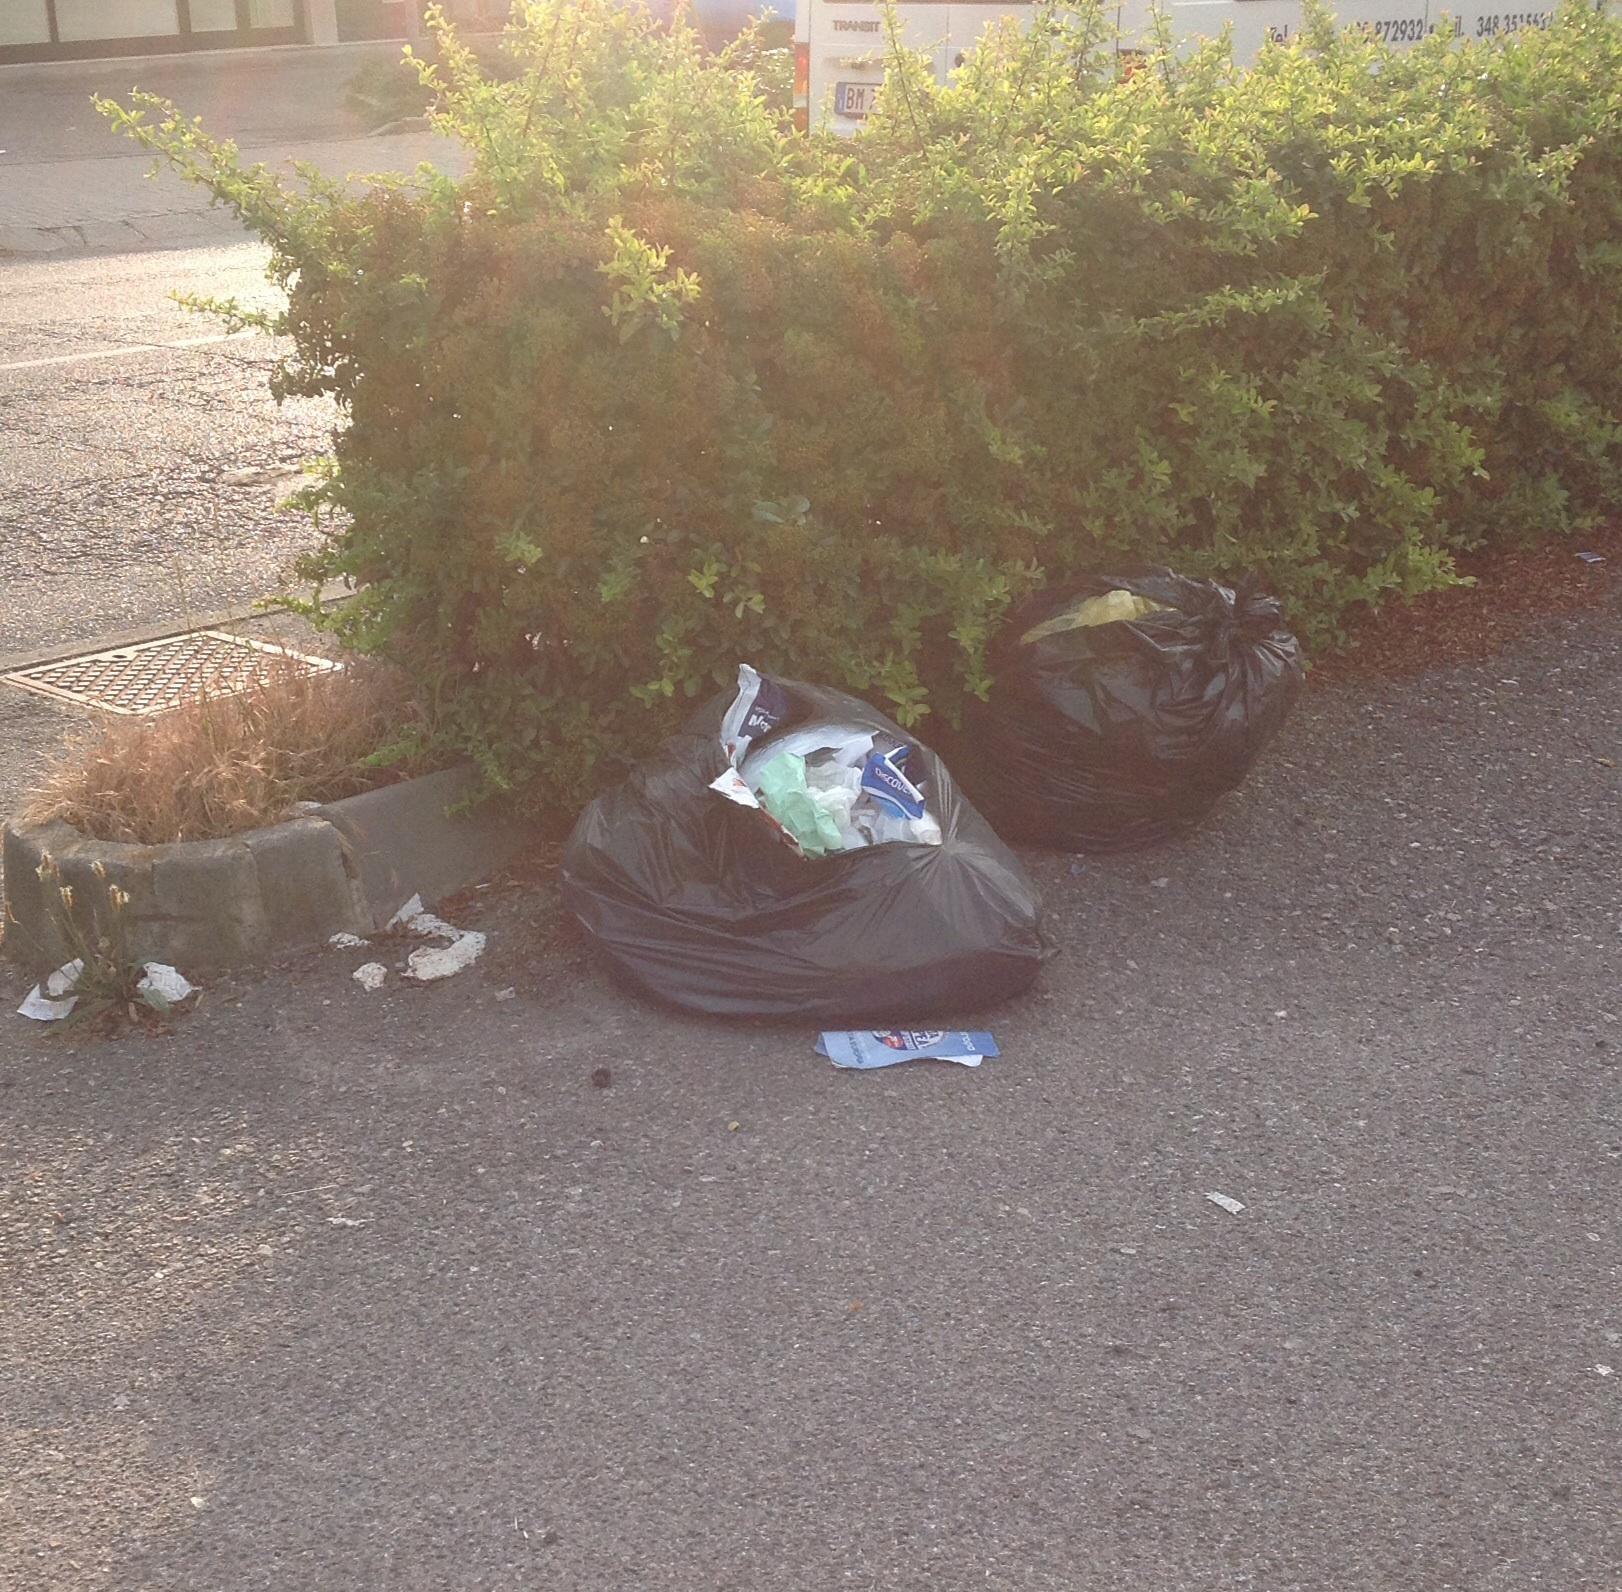 3 giugno via De Gasperi i sacchetti sono rimasti sul marciapiede almeno per 5 giorni